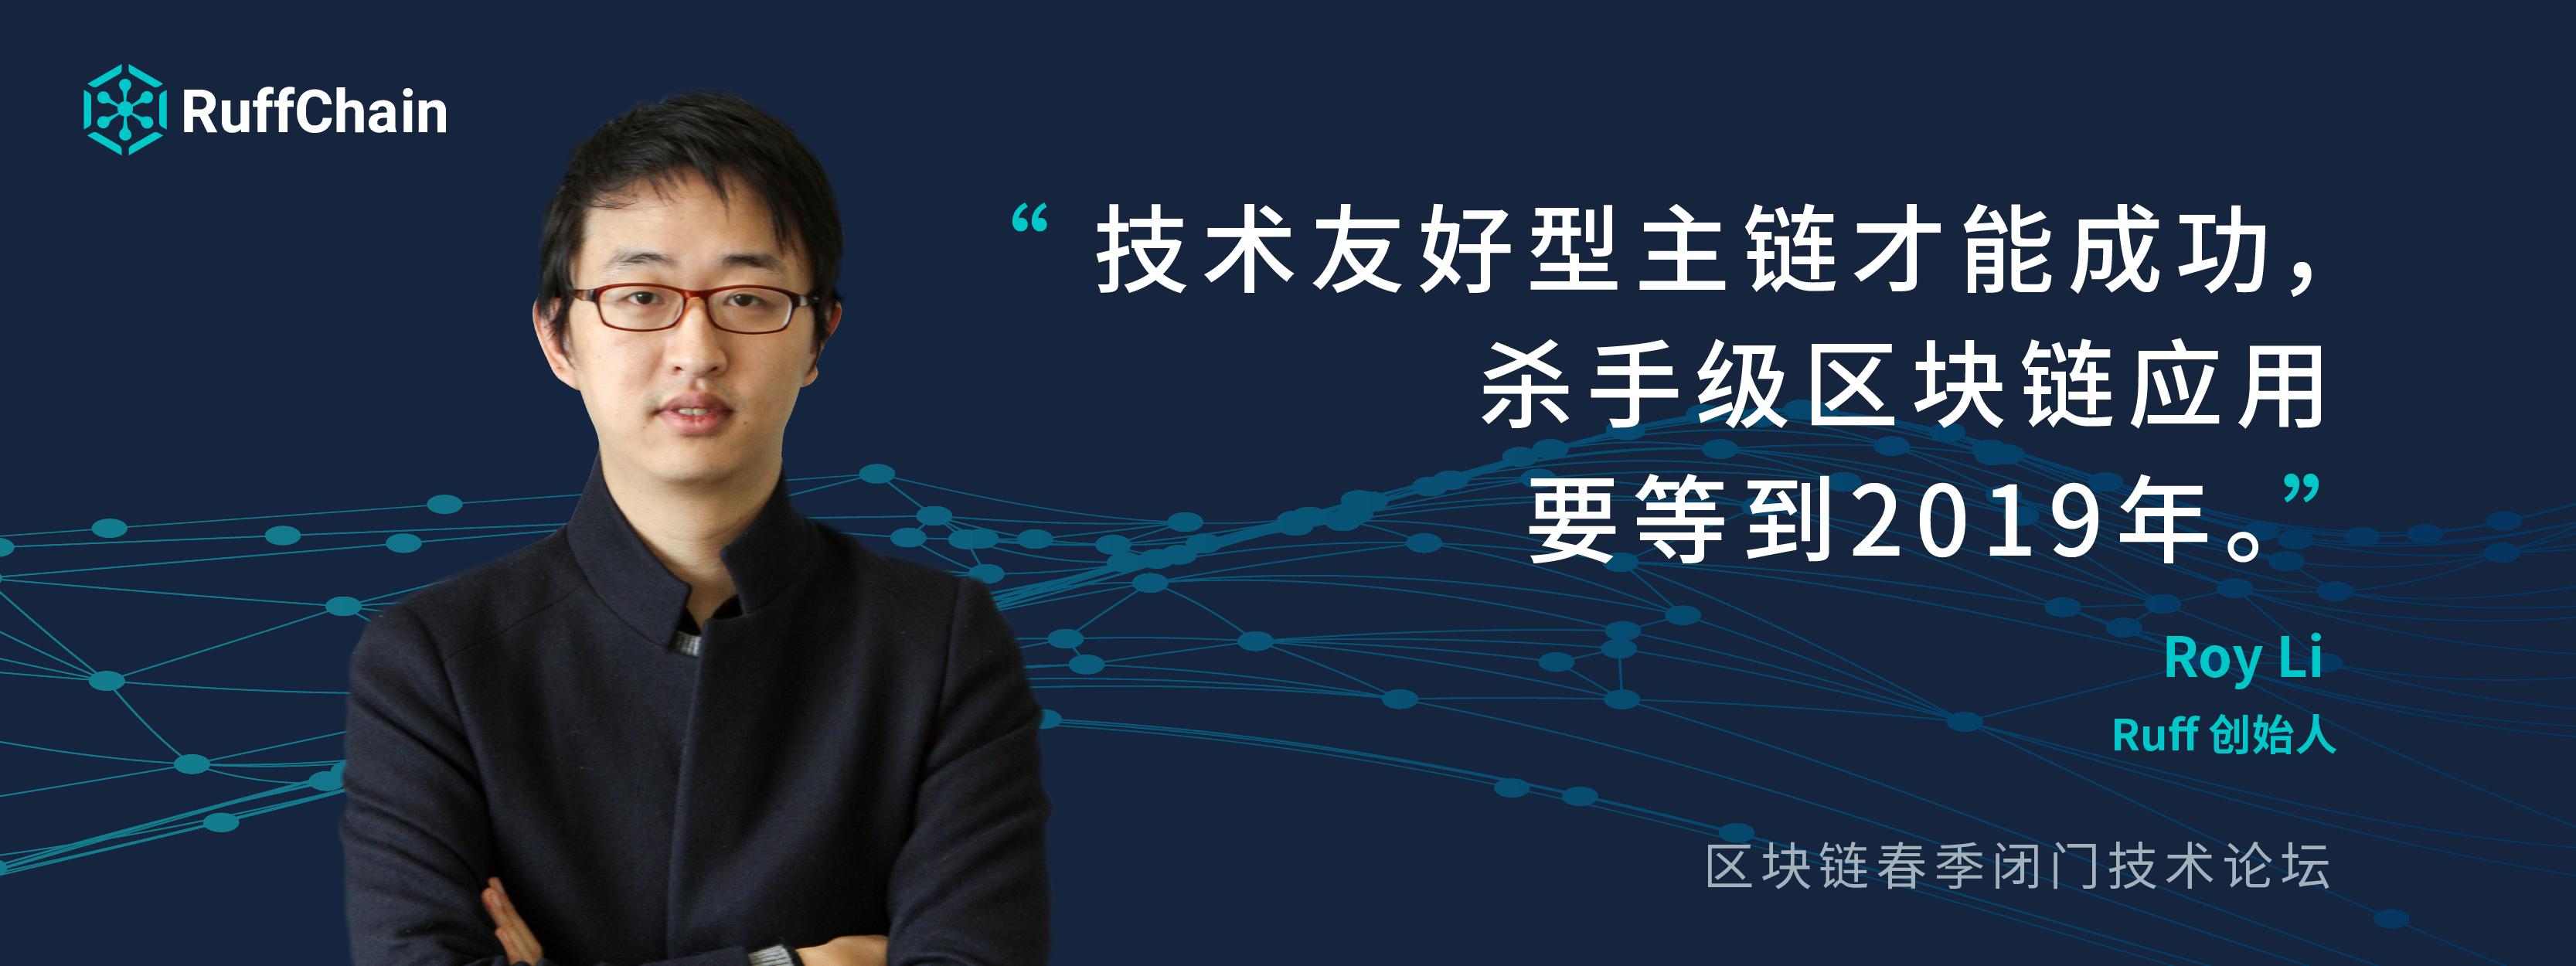 """RUFF 创始人 Roy Li 受邀出席""""区块链春季闭门技术论坛"""""""